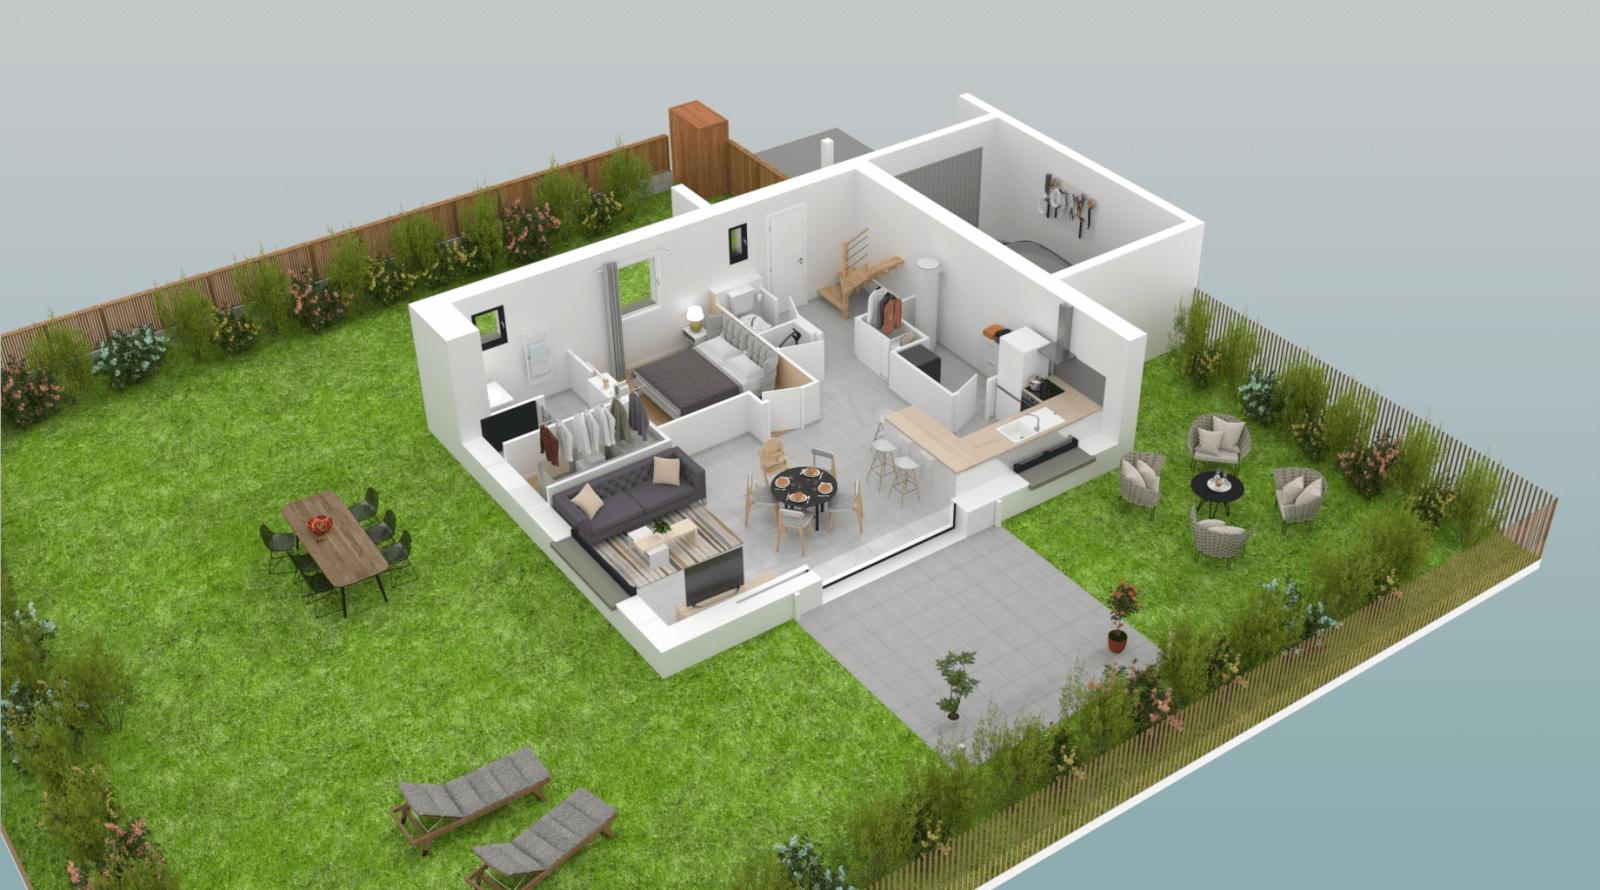 Maison individuelle moderne libra construction de for Plan maison individuelle moderne